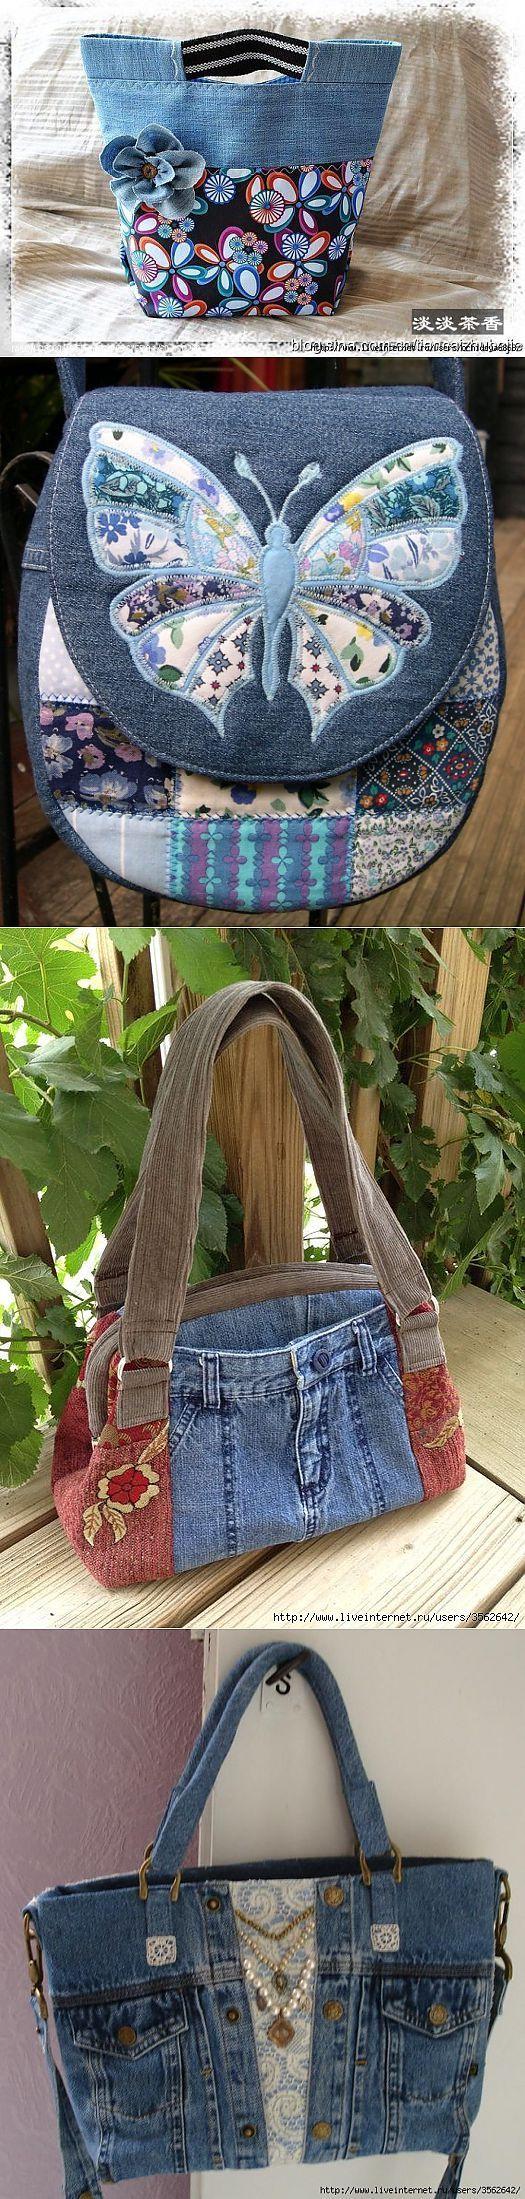 Bolsa 1: ideia para alça Bolsa 3: reciclagem de jeans